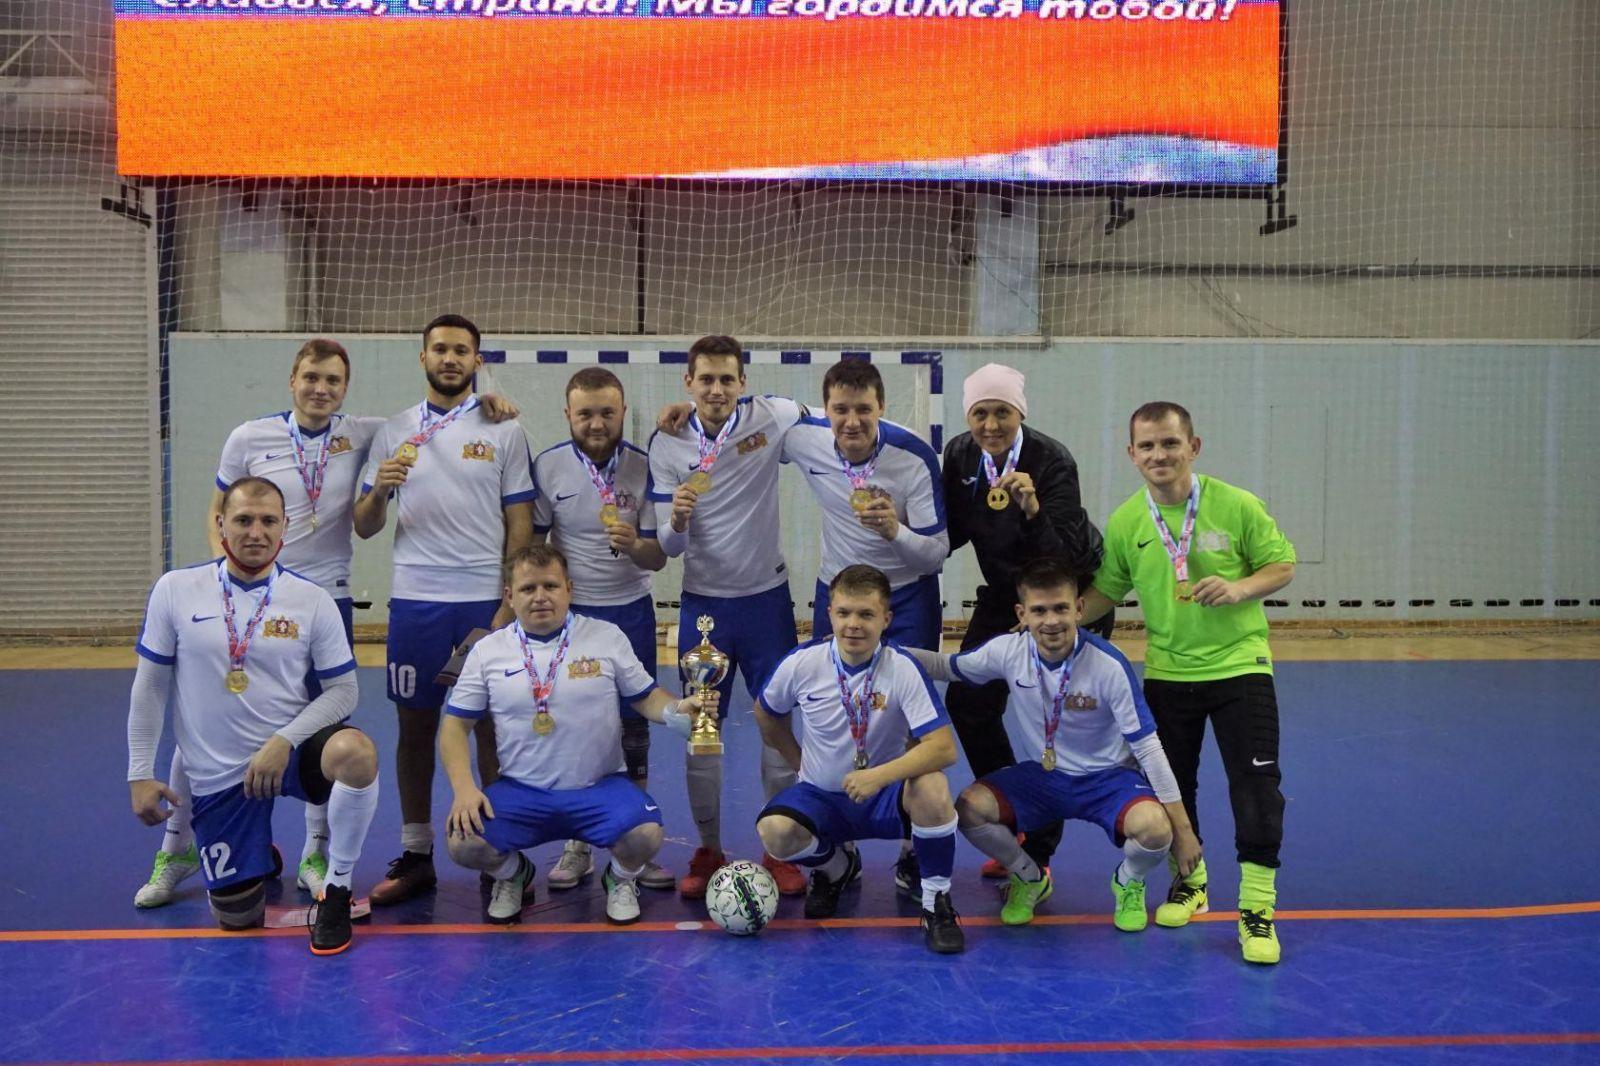 Сборная Свердловской области стала победителем чемпионата России по мини-футболу спорта лиц с ИН